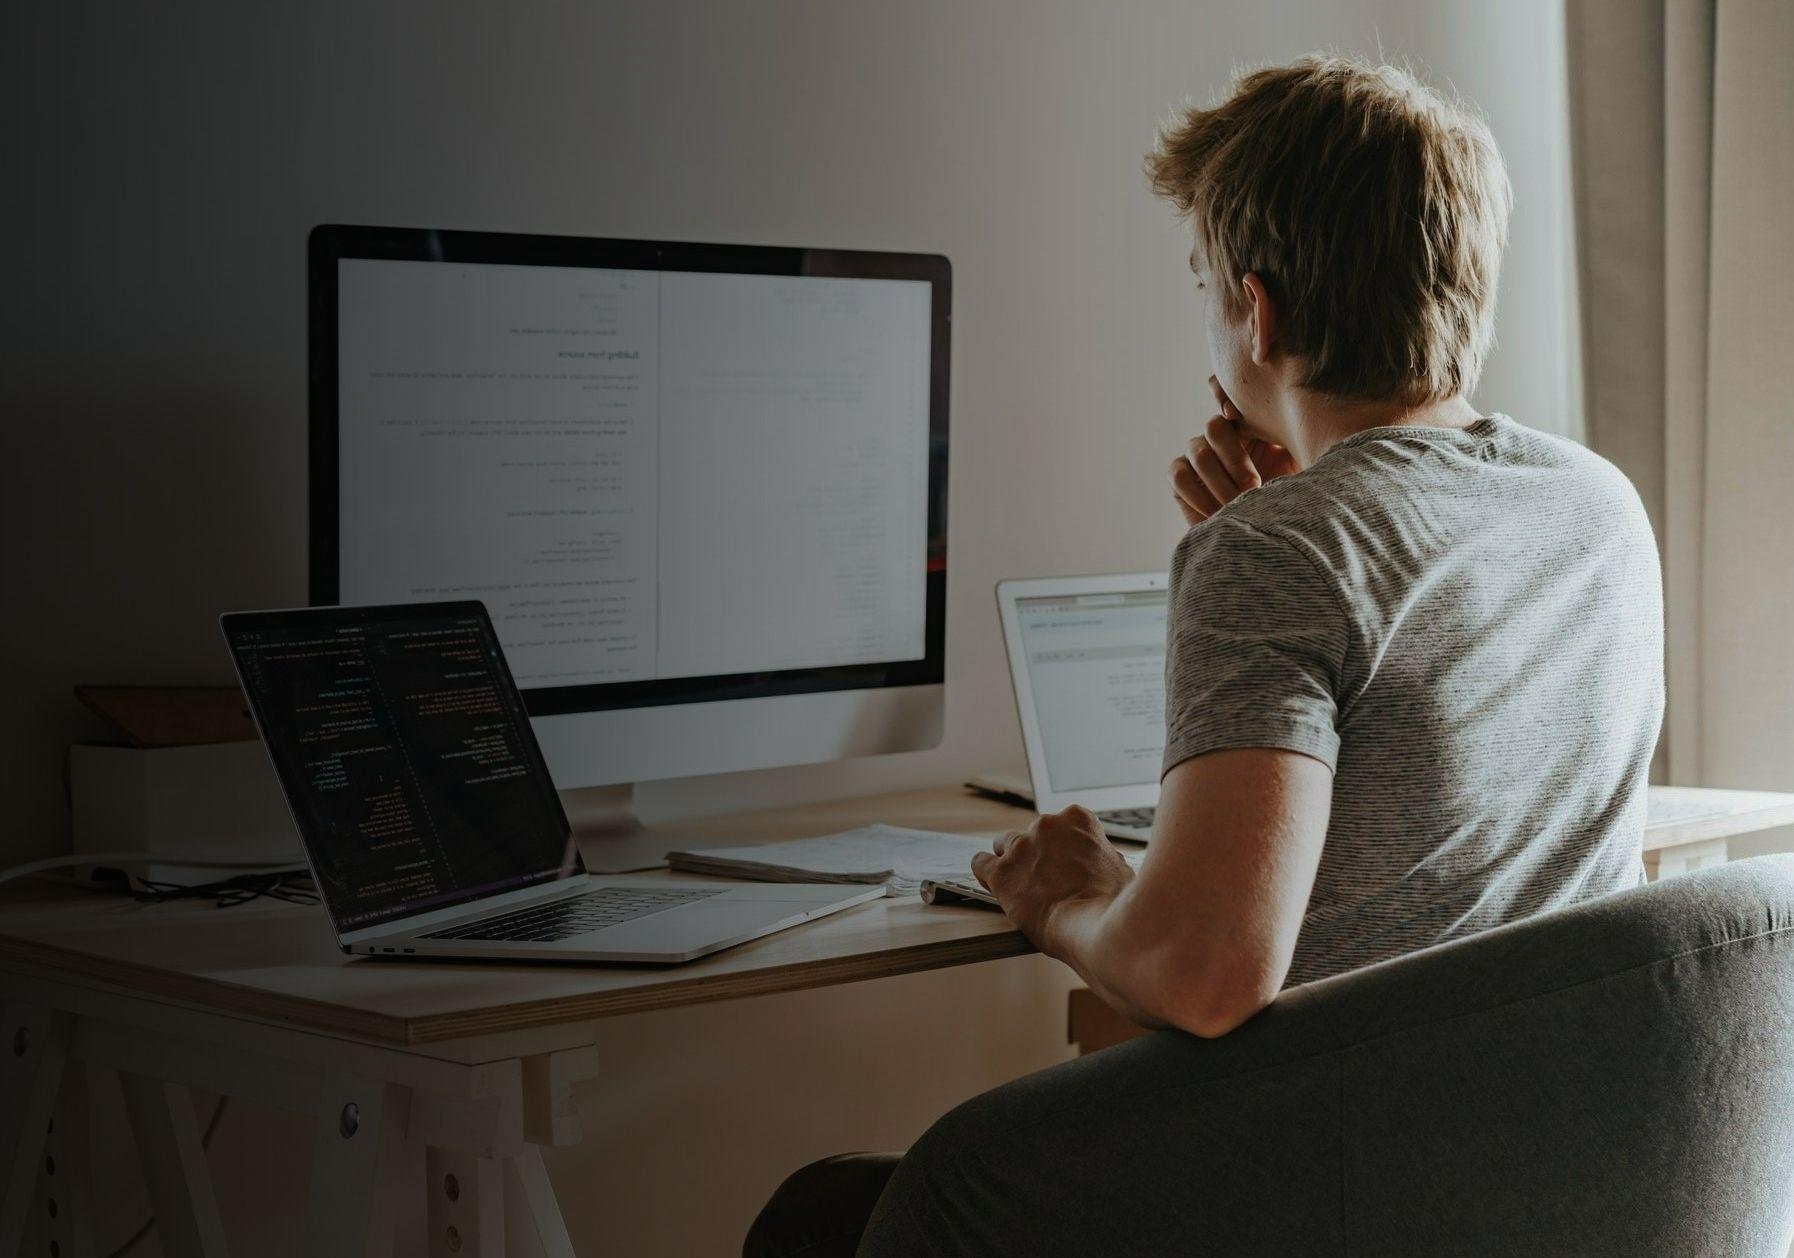 Фото с мужчиной сидящий на стуле перед компьютером